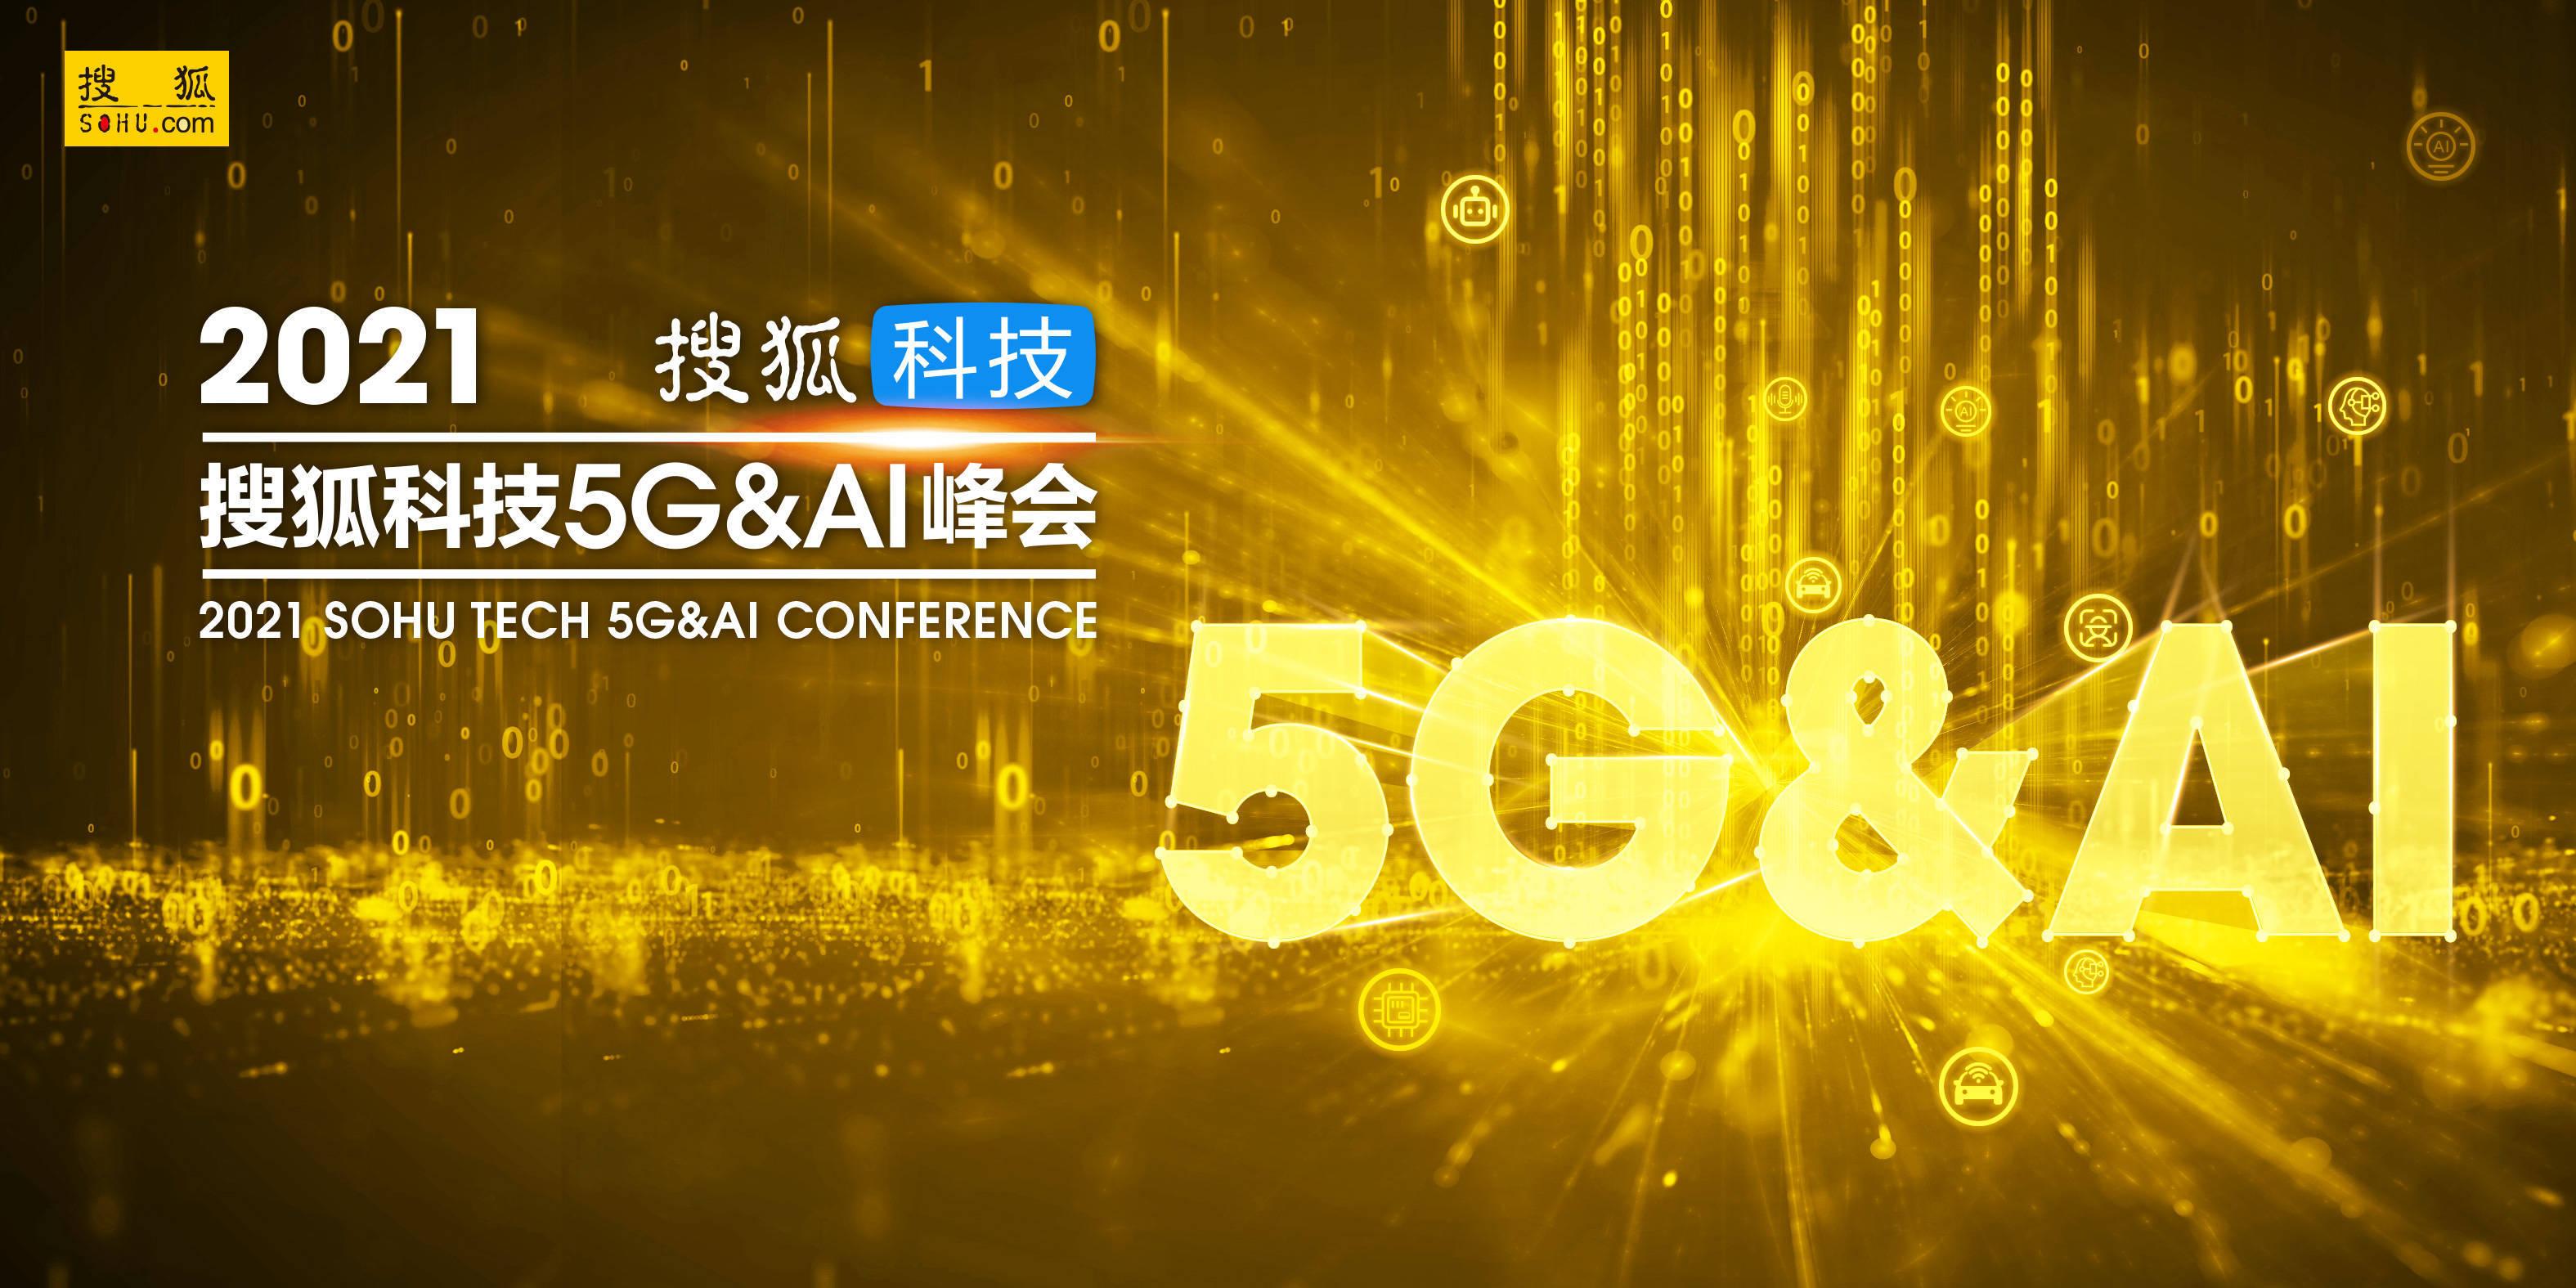 搜狐科技5G&AI峰会相约517,侯明娟、贺志强、刘宏打Call助力